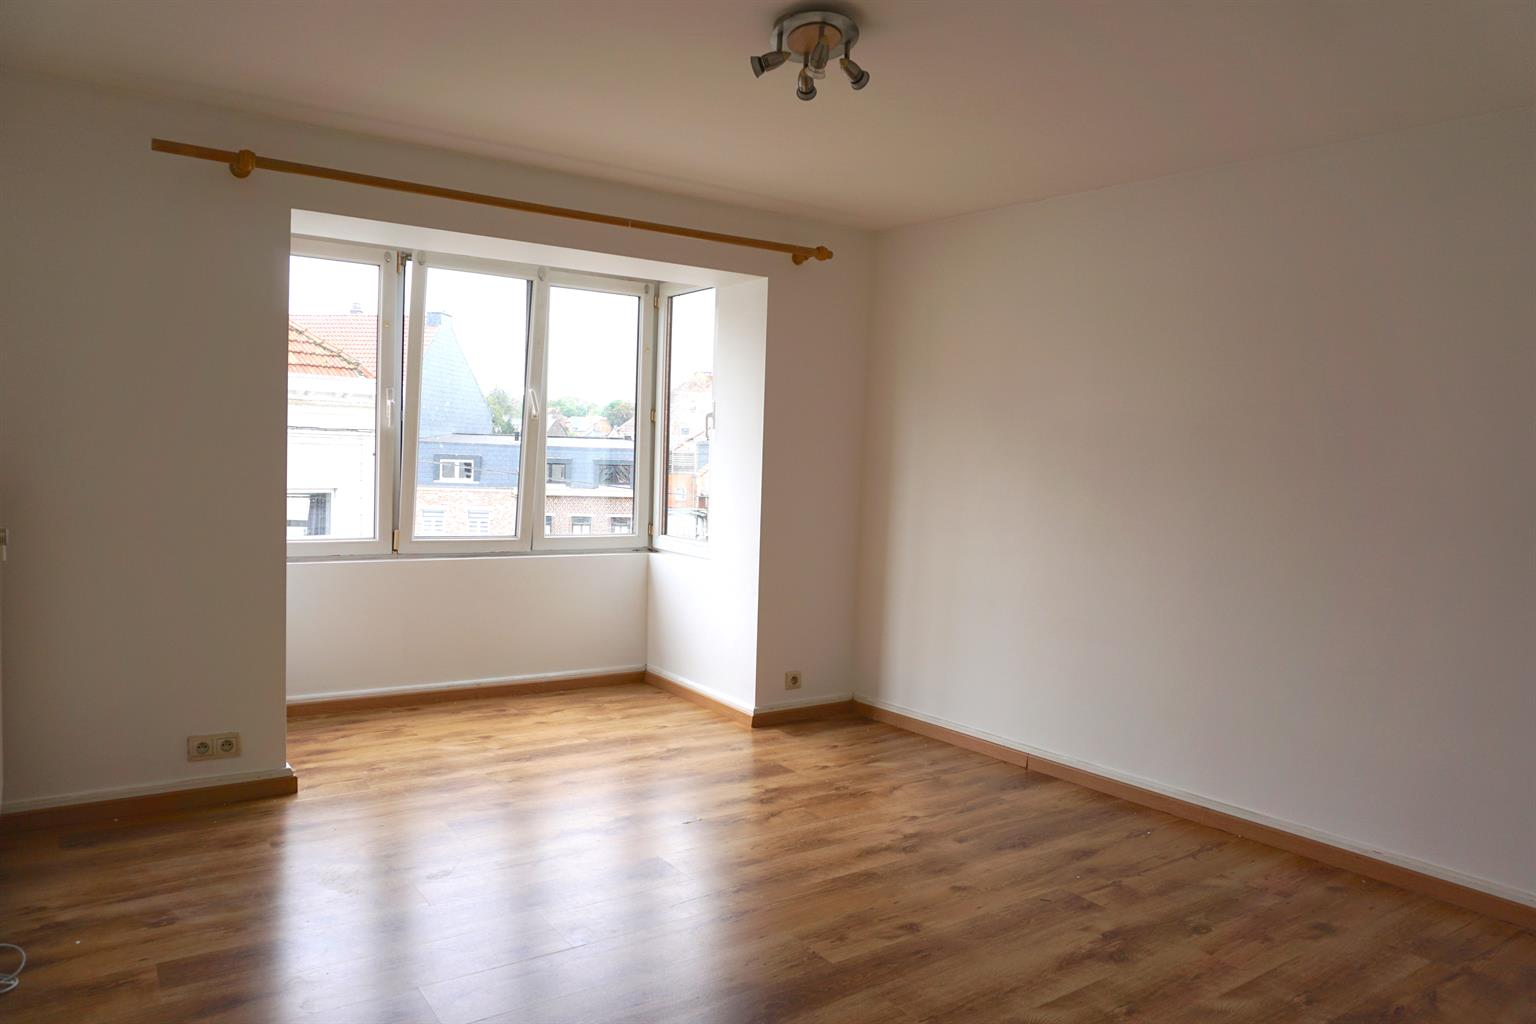 Appartement - Jodoigne - #4241007-3